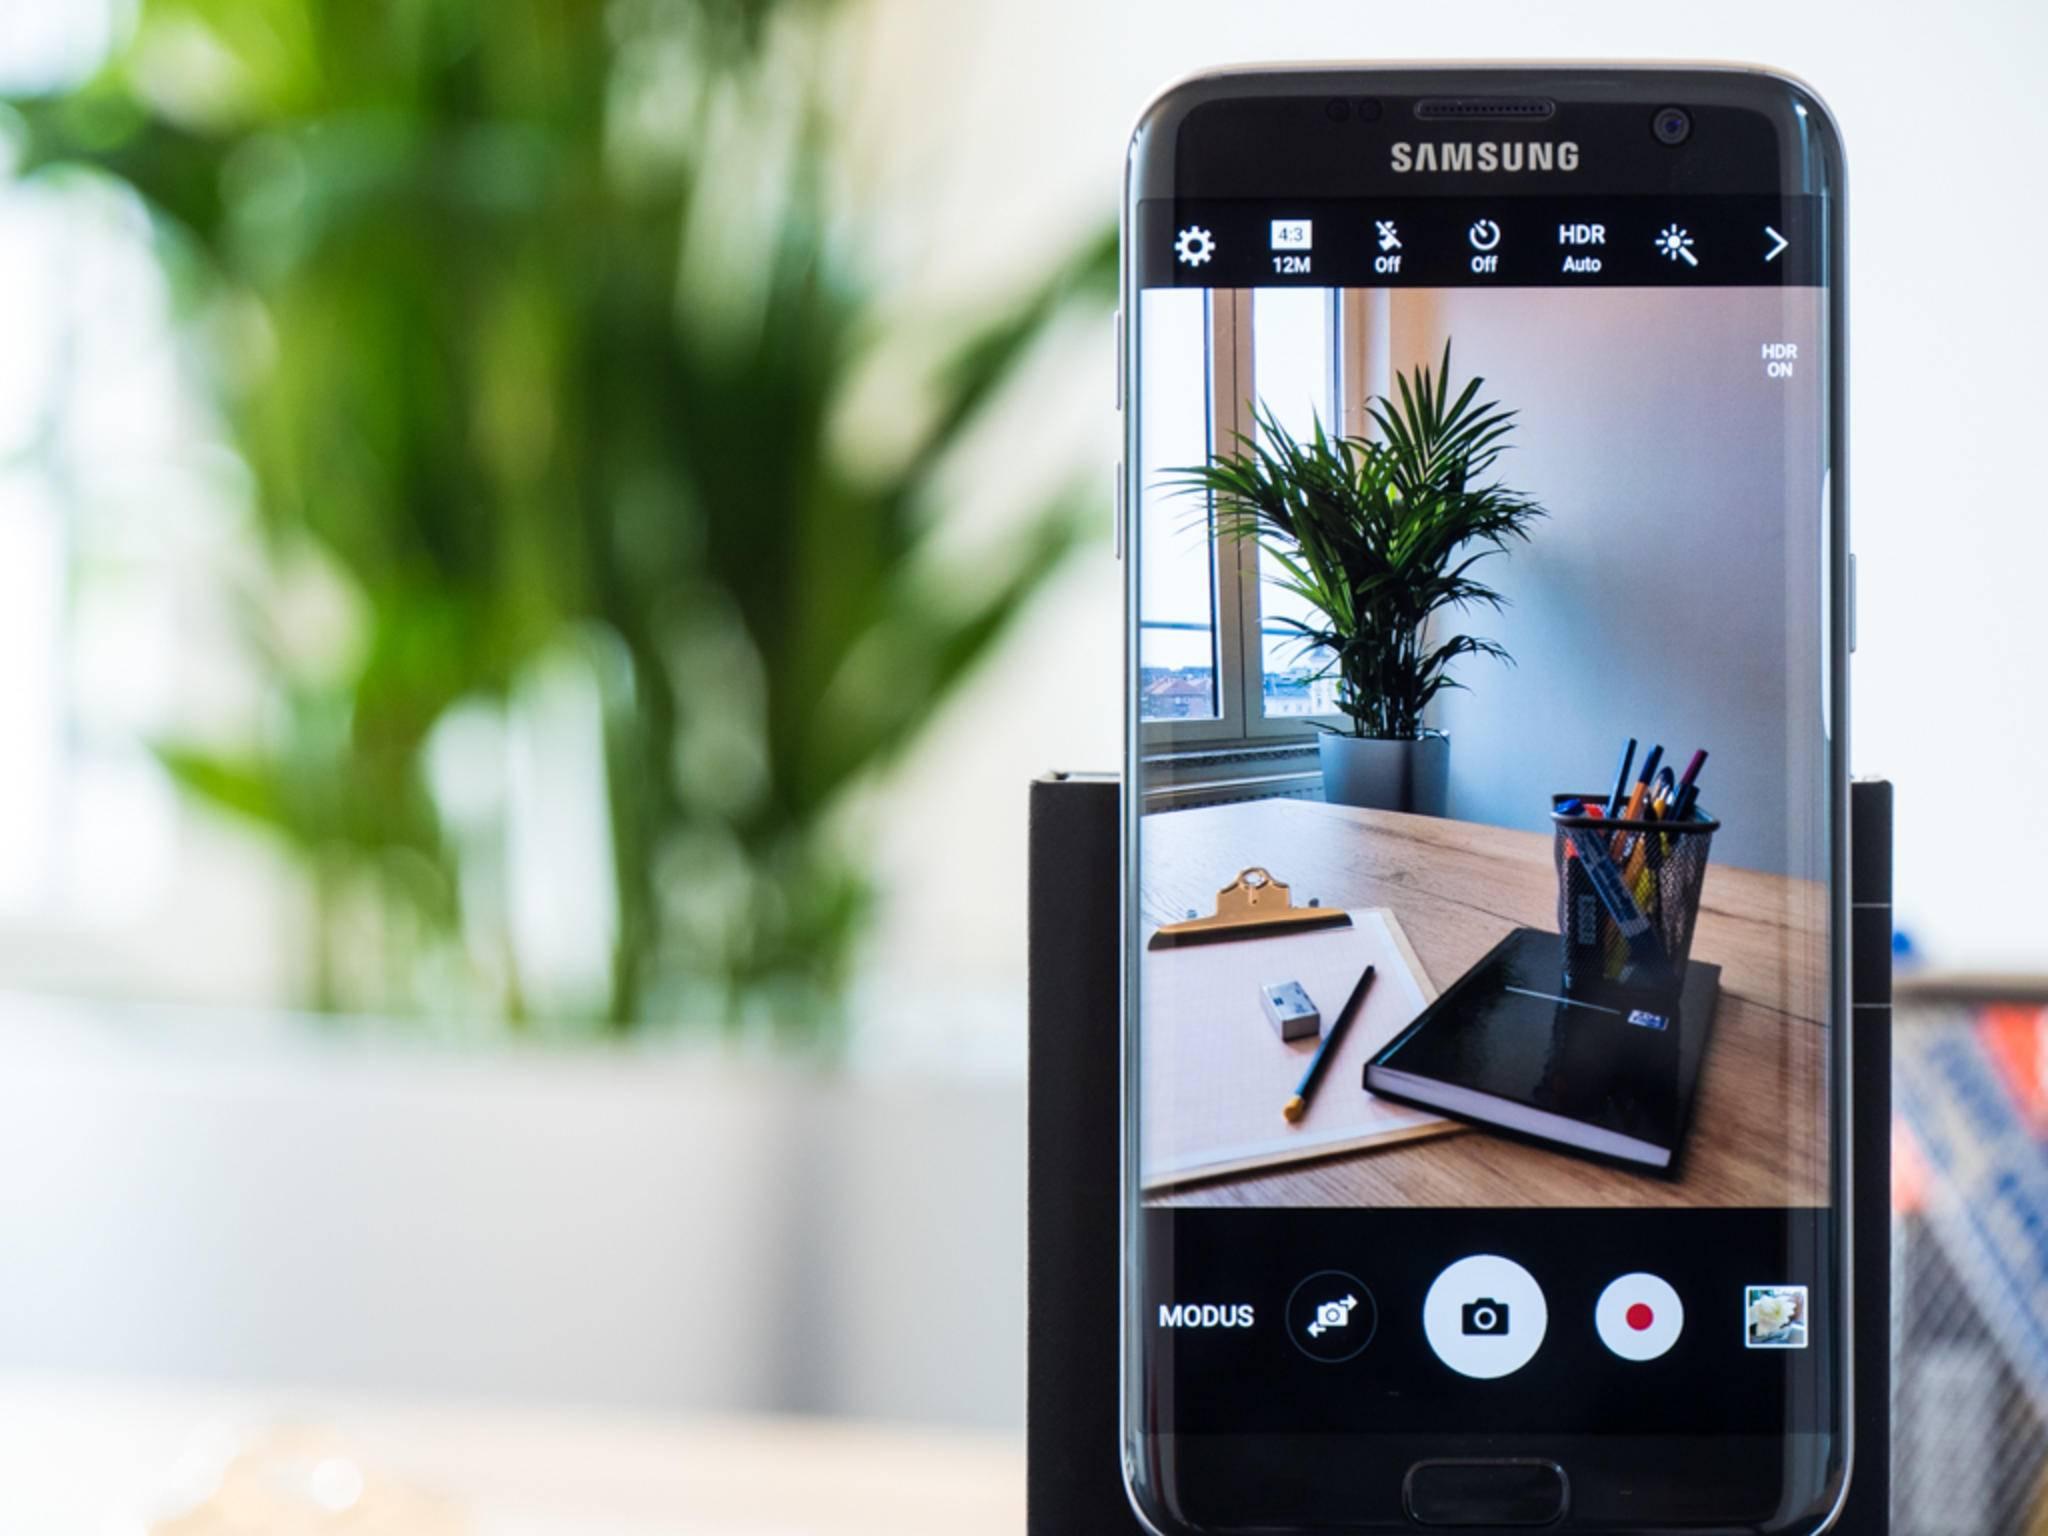 Wie das Galaxy S7 soll auch das Note 6 eine IP68-Zertifizierung bekommen.